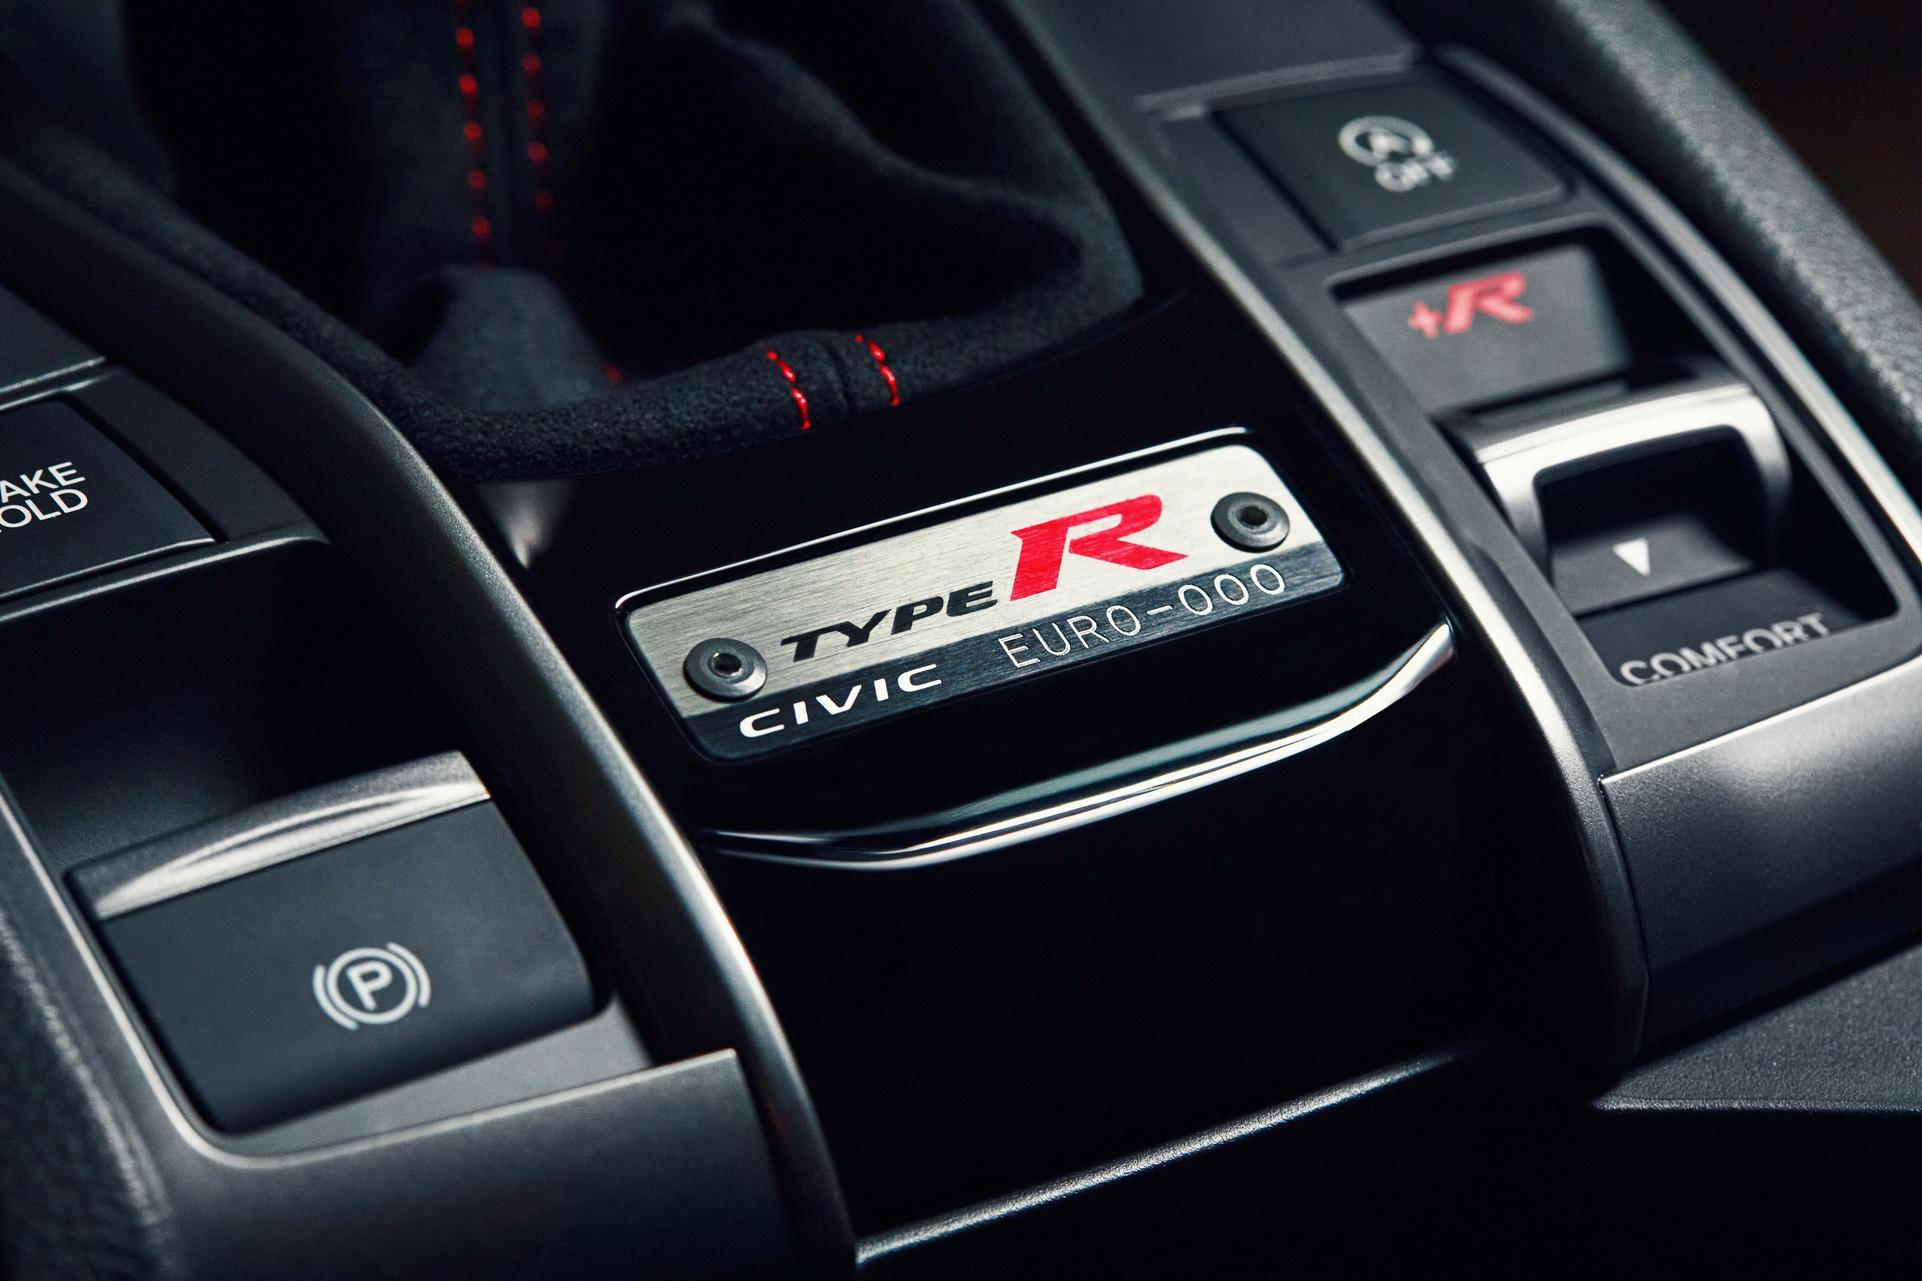 Vừa ra bản đặc biệt, Honda Civic Type R bán hết hàng chỉ trong 4 phút - Ảnh 2.